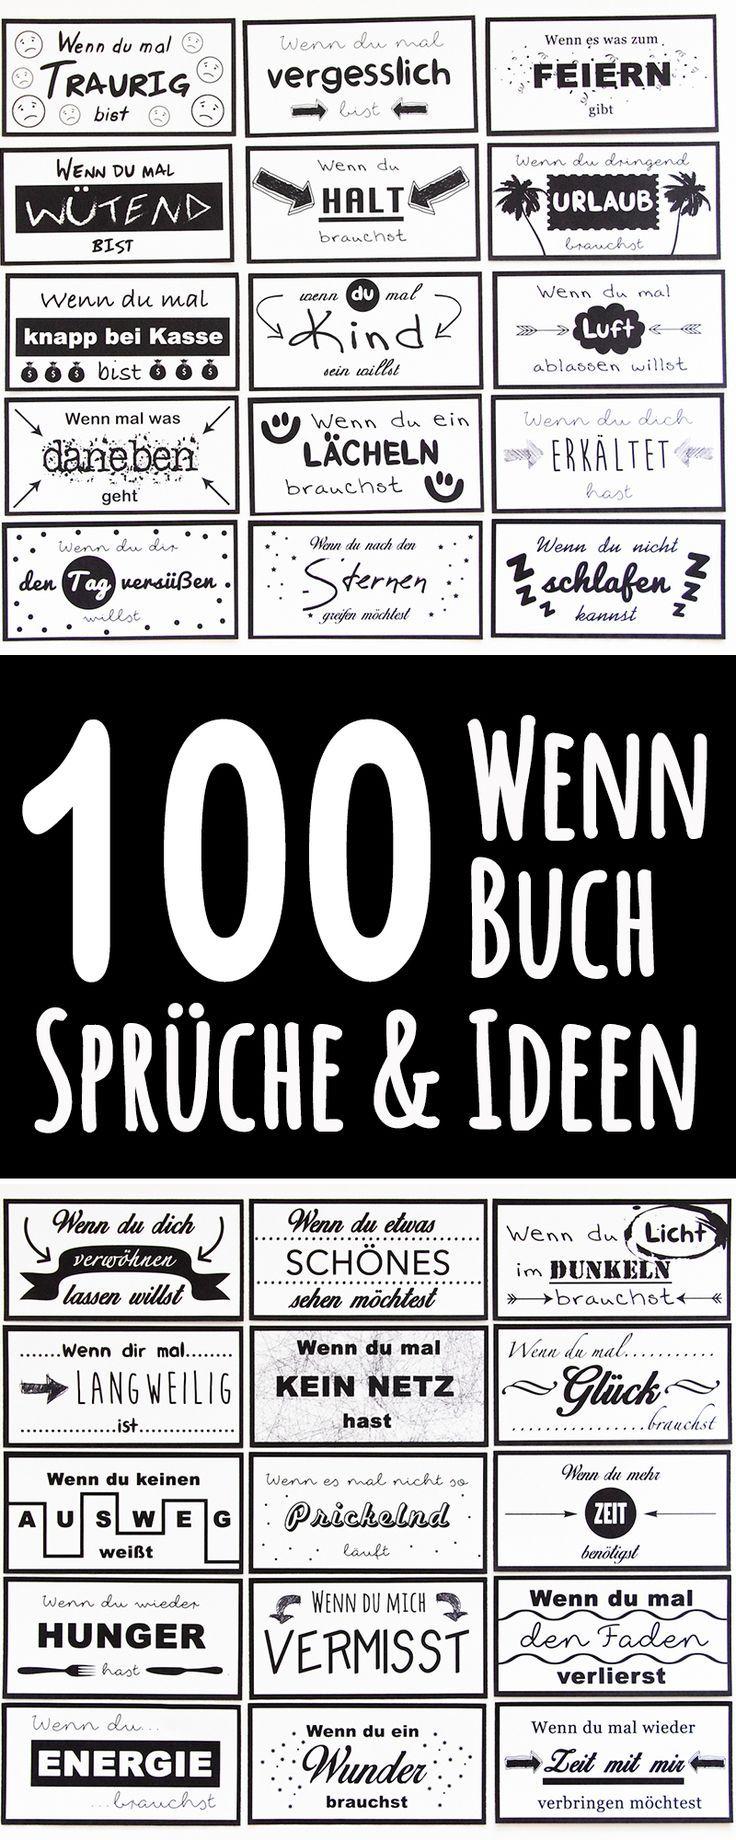 100 wenn Buch Sprüche #wenn_buch_sprüche #wenn-Buch #weihnachten #wennbuch - idatschka - Yeni Dizi #kleinegeschenkeweihnachten